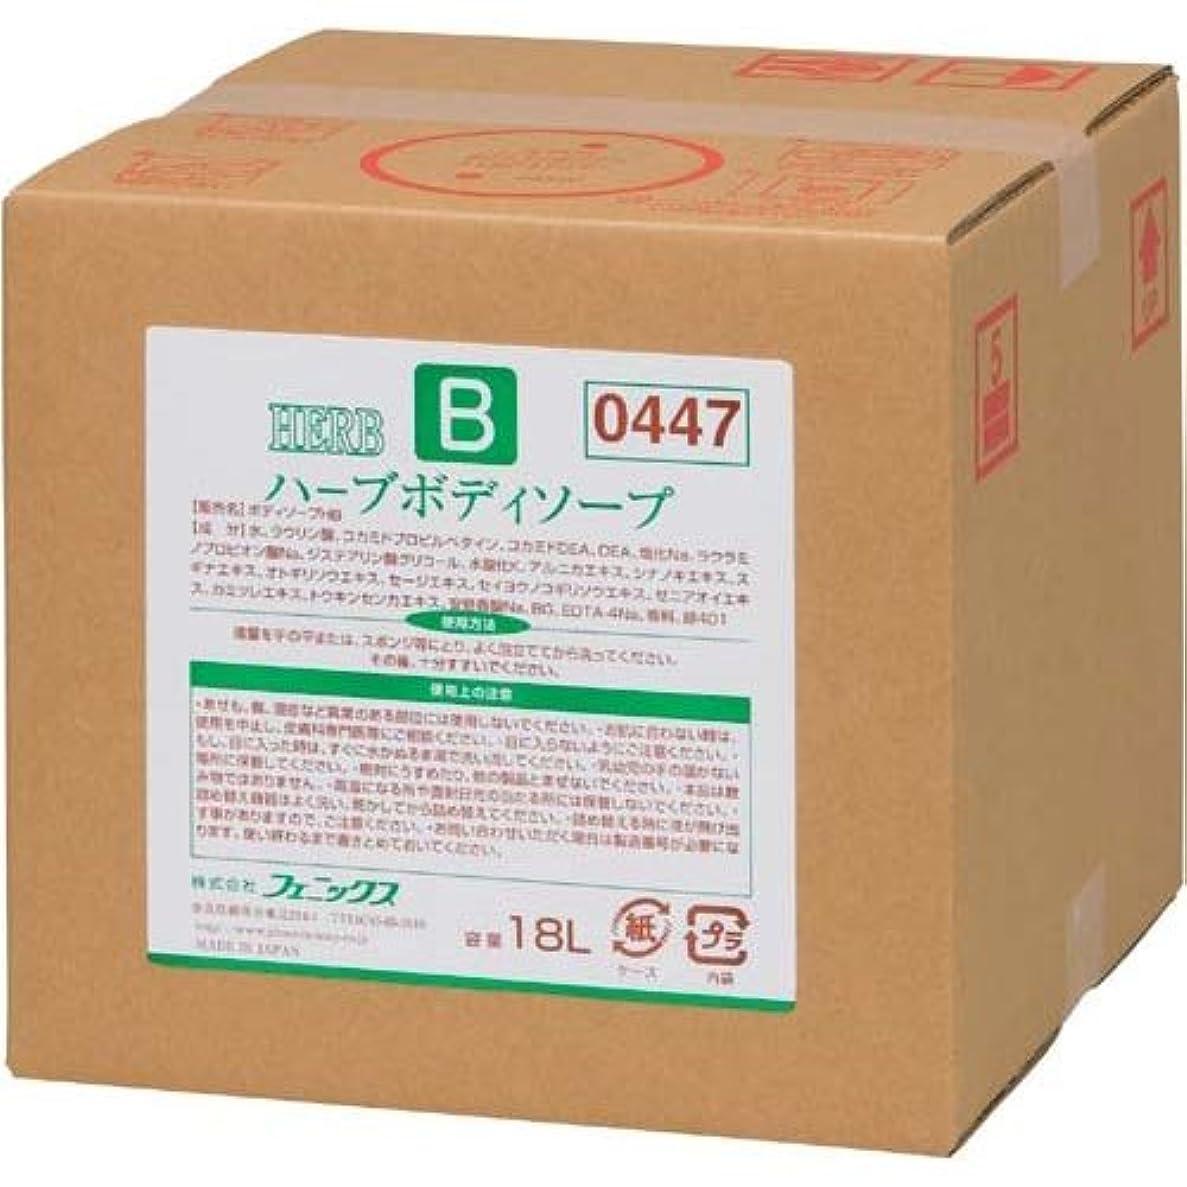 変色する鉱石匿名フェニックス ハーブ ボディーソープ 18L(コック付) 【品番】ZBD1403